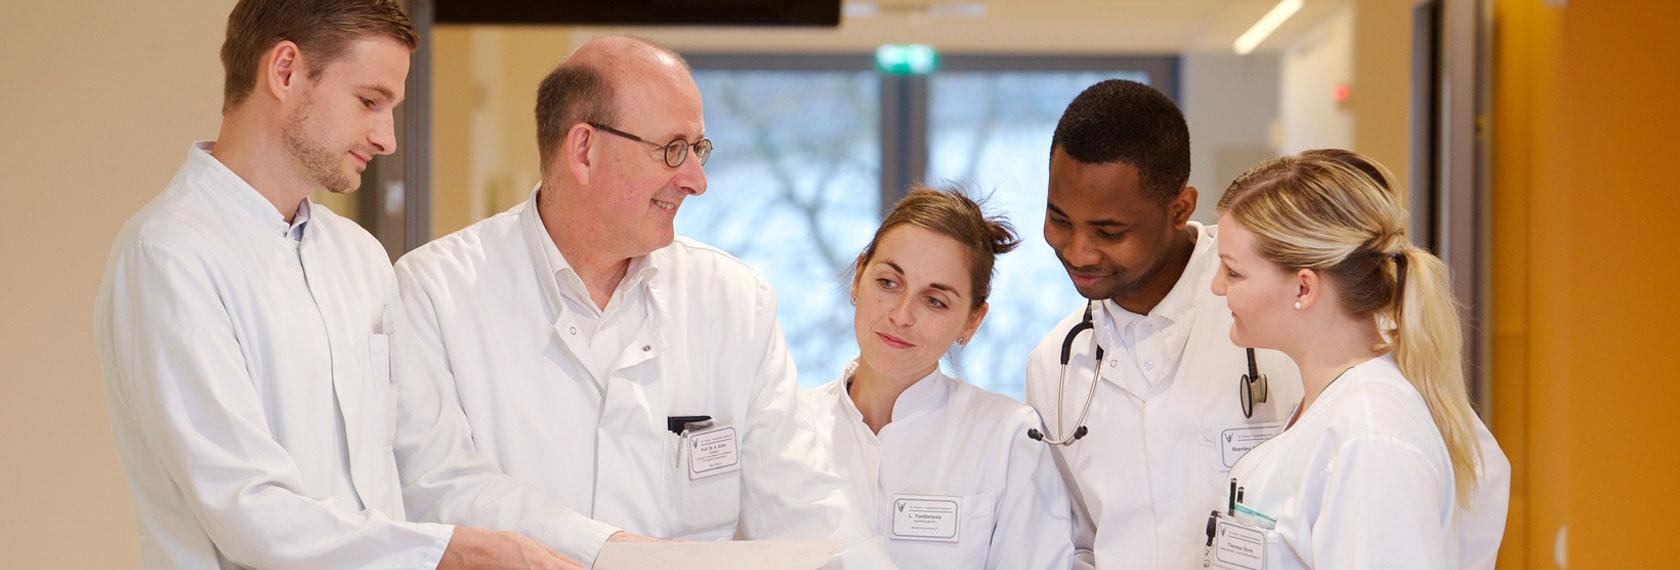 Ärzte bei der täglichen Visite in der Kardiologie